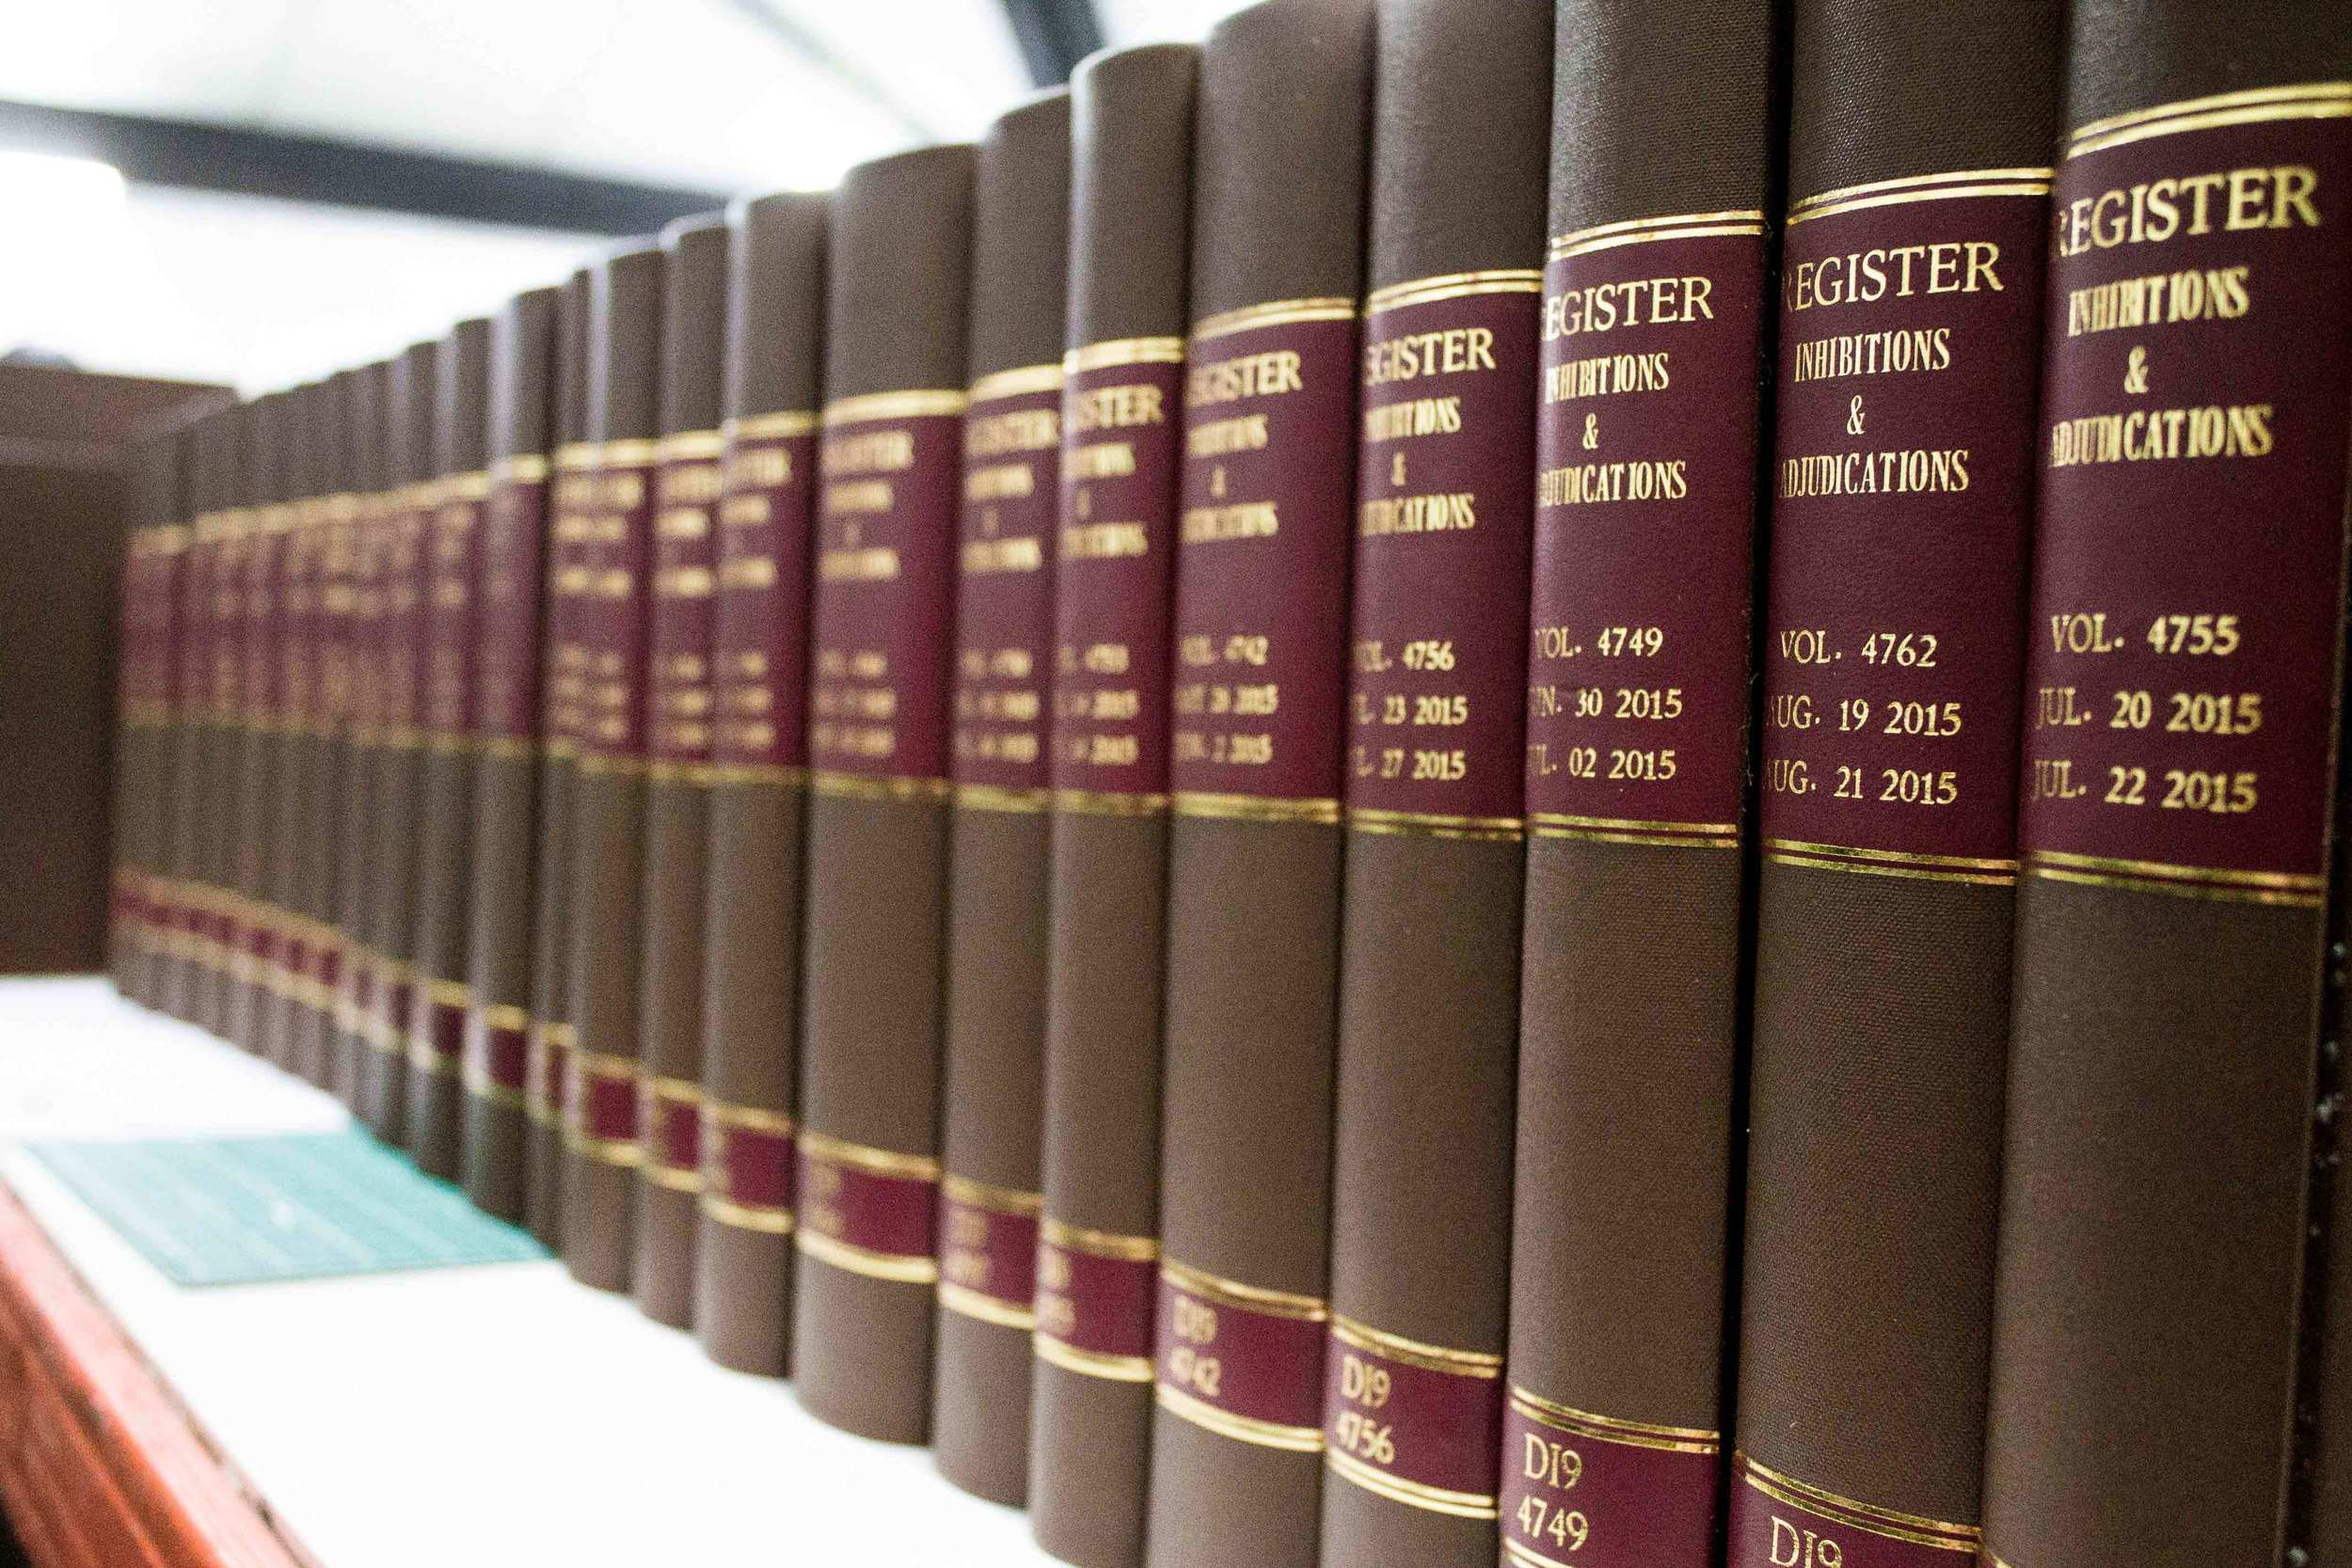 Periodical volumes